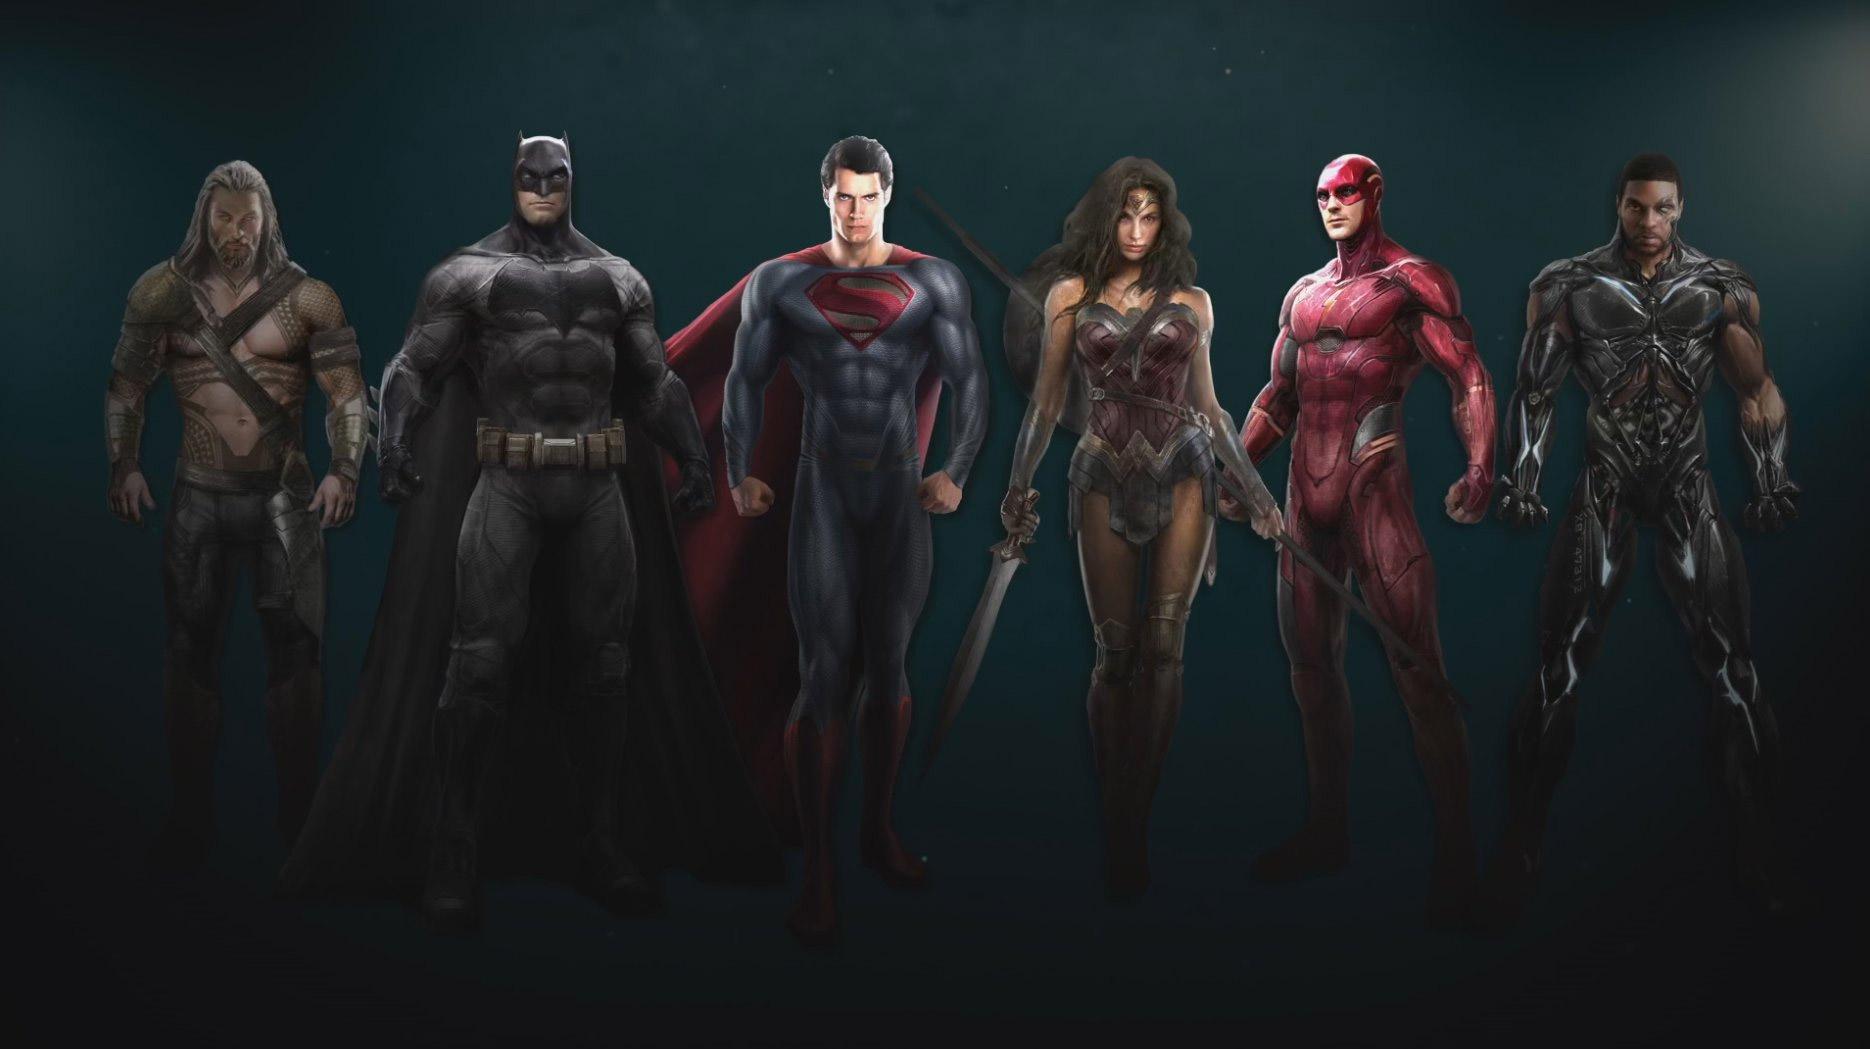 Ojito a este concept art de Justice League porque está el supergrupo al completo